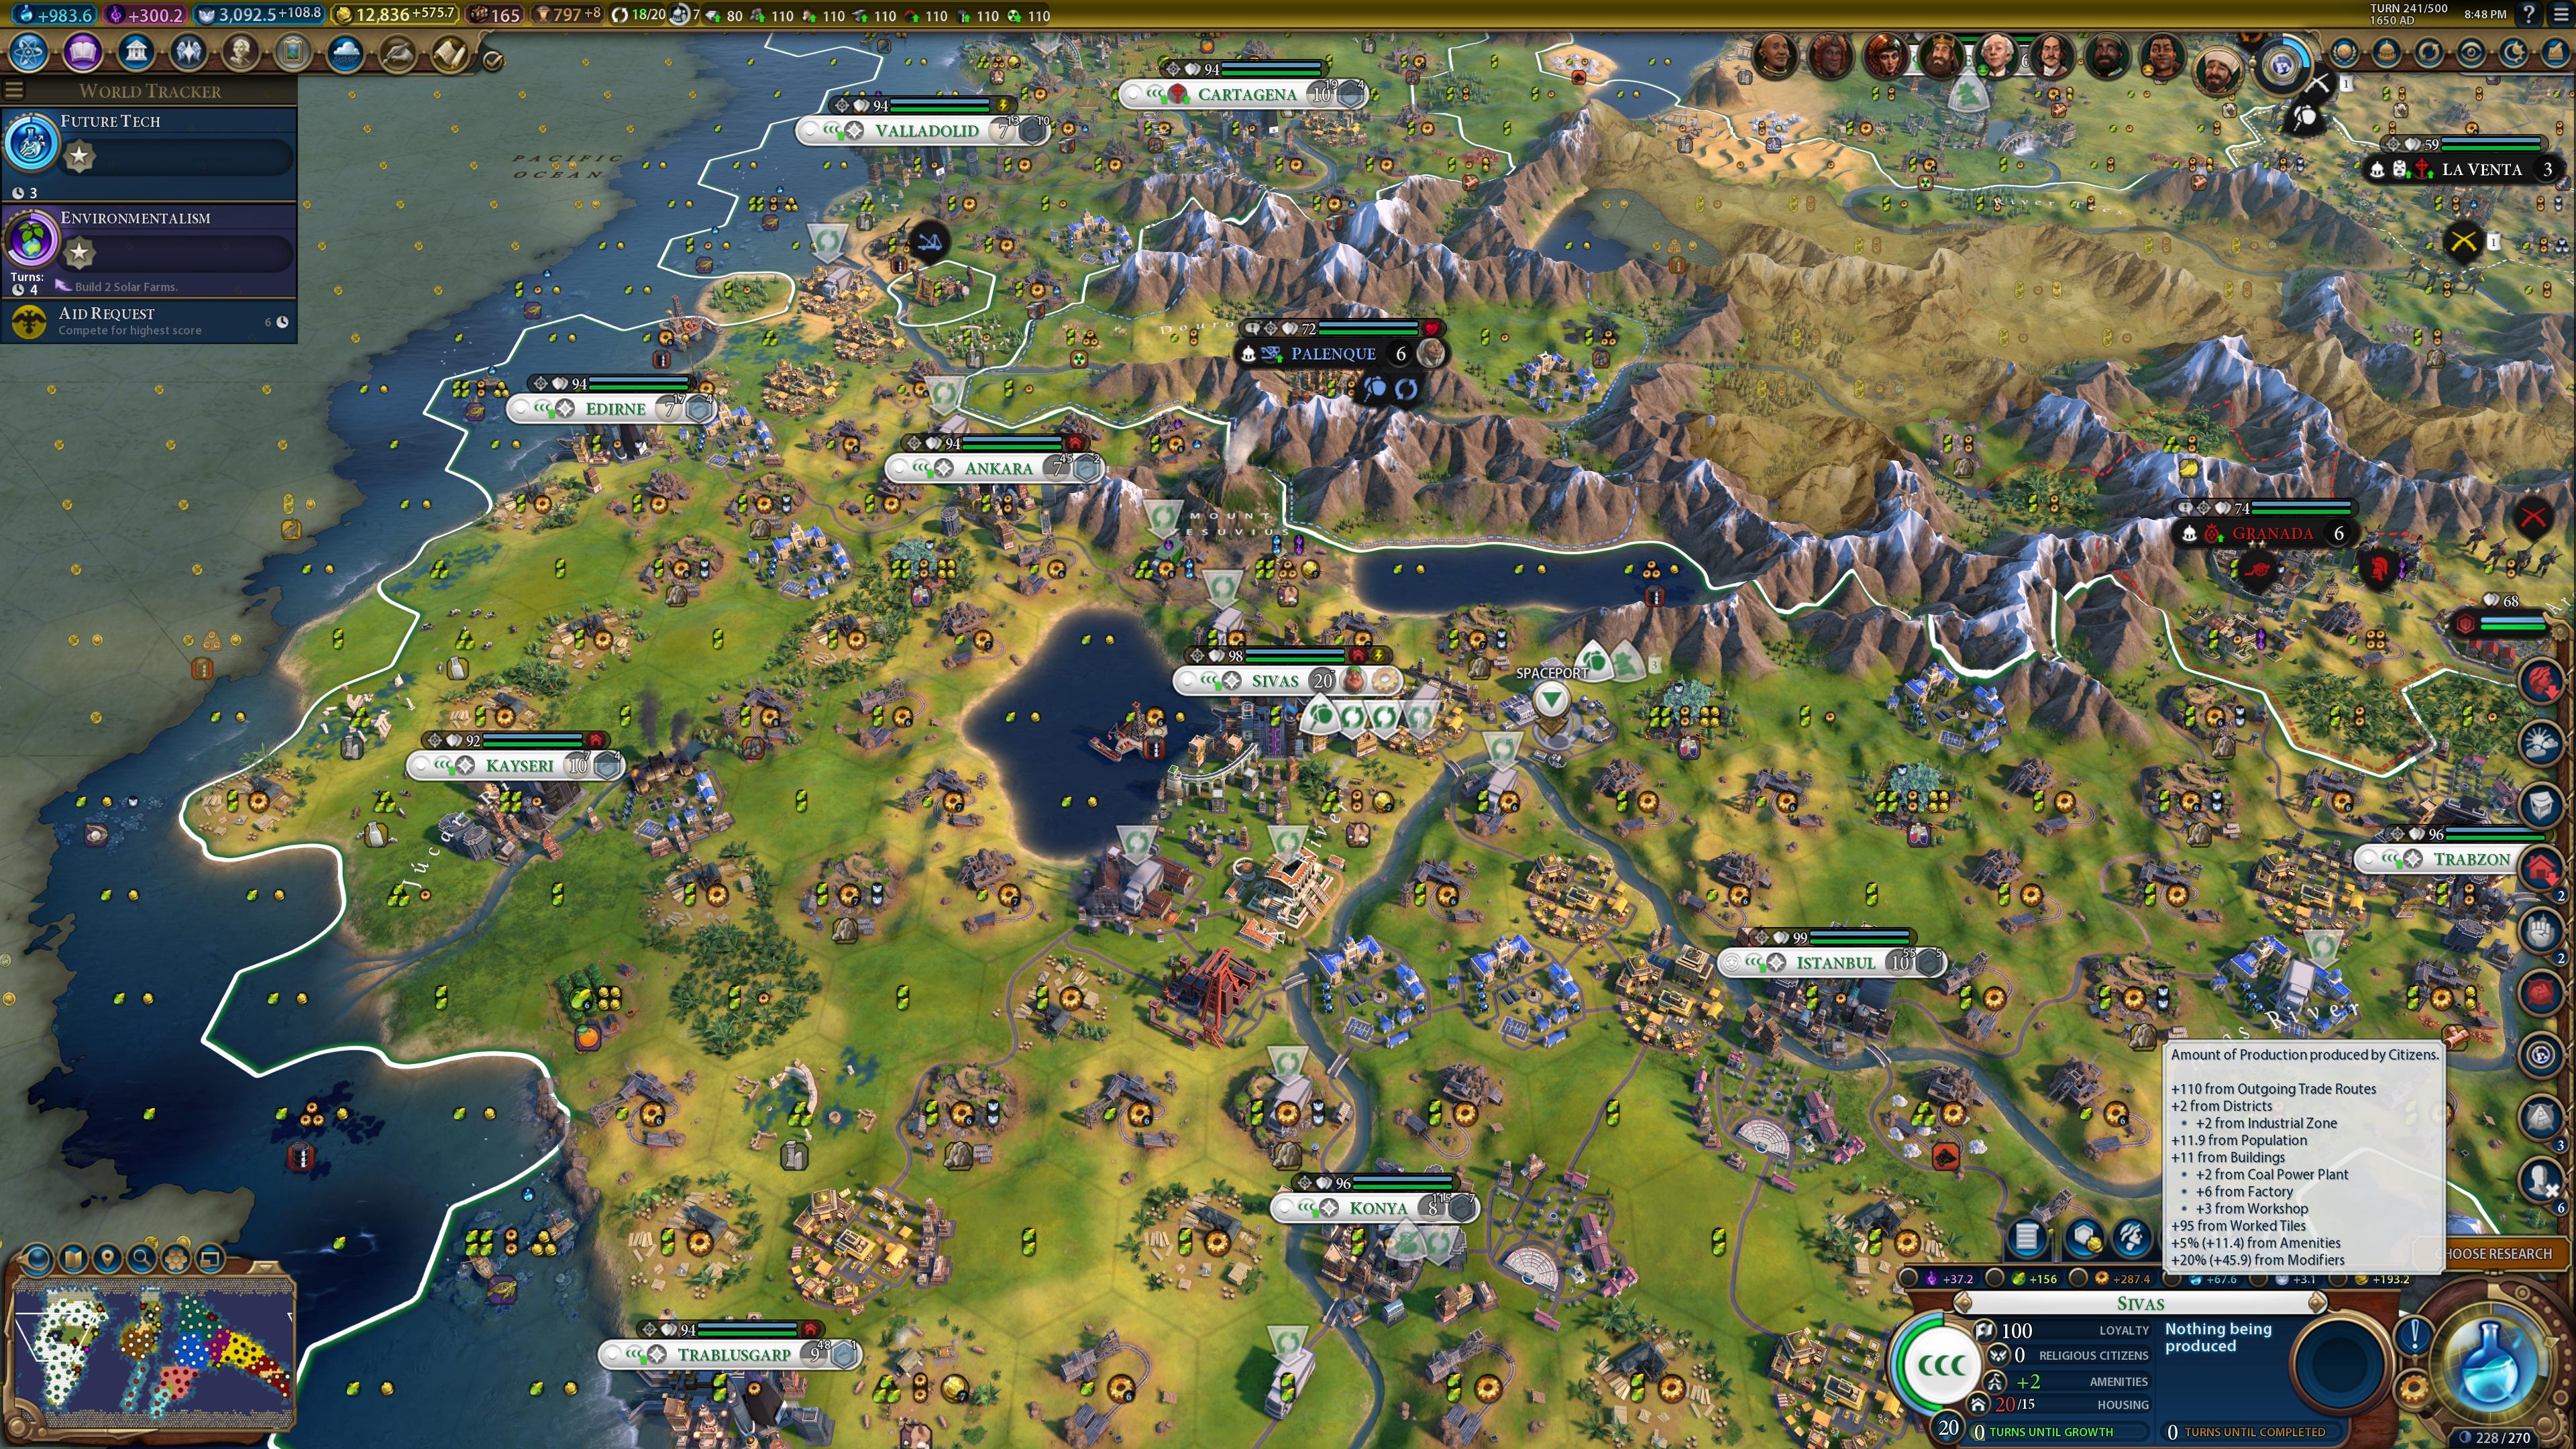 Sid Meier's Civilization VI (DX11) 10_2_2019 8_48_41 PM.png